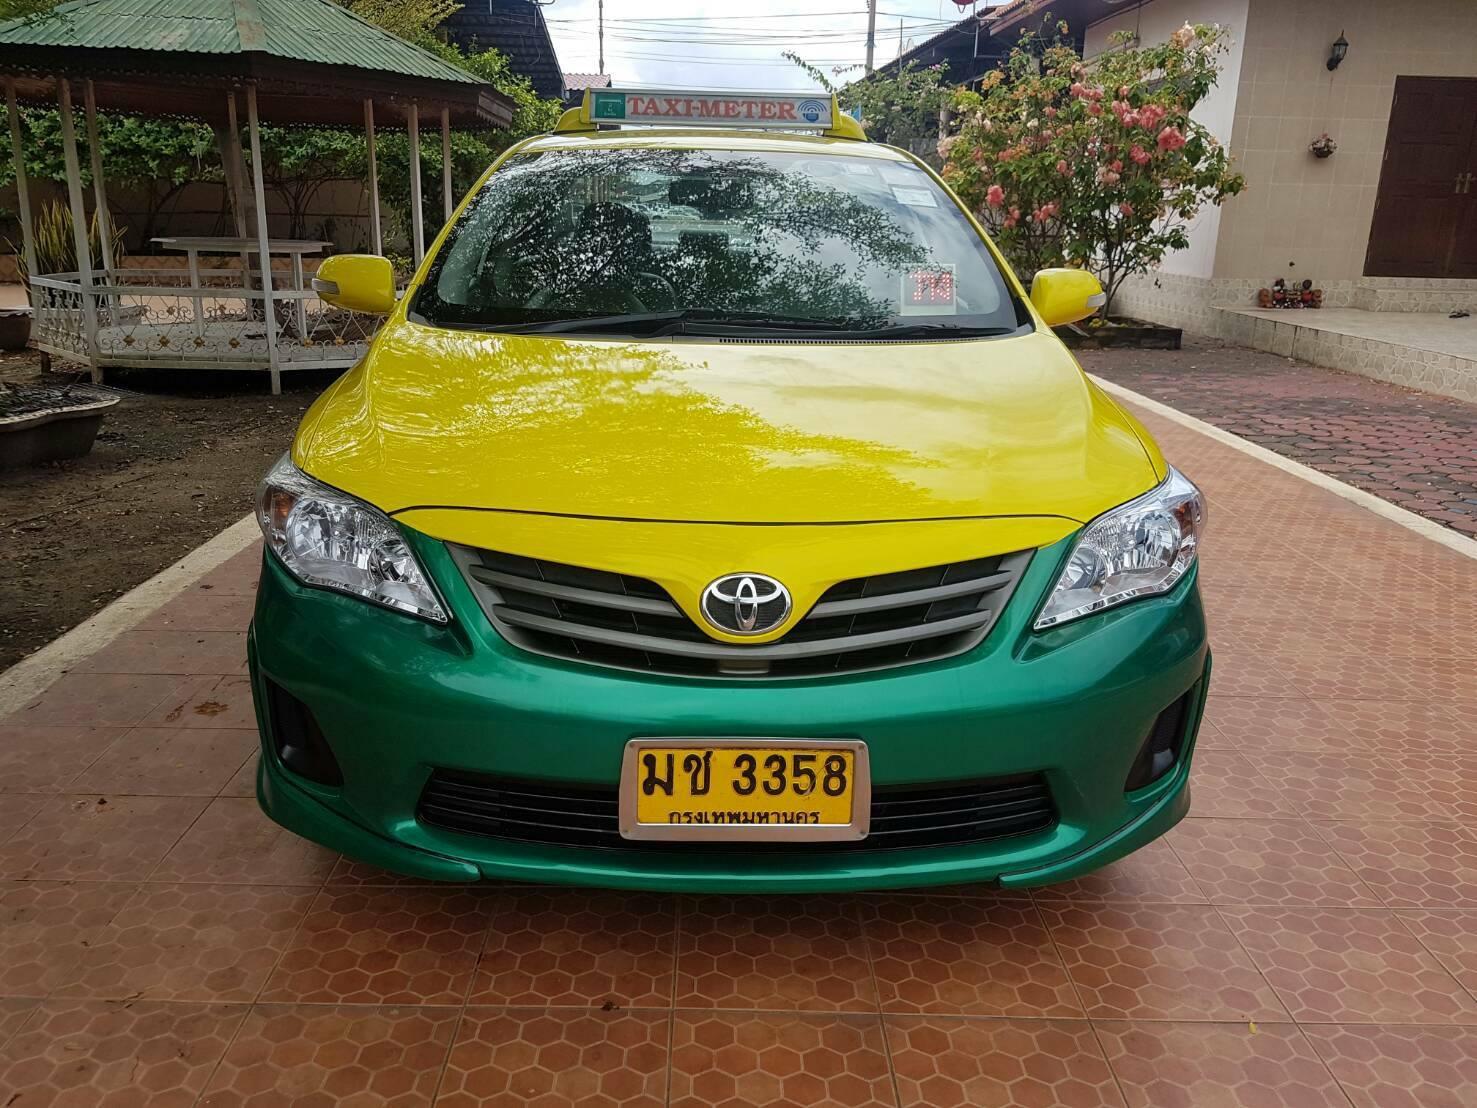 แท็กซี่มือสอง Altis J ปี 2012 เหลือวิ่ง 4 ปี 9 เดือน